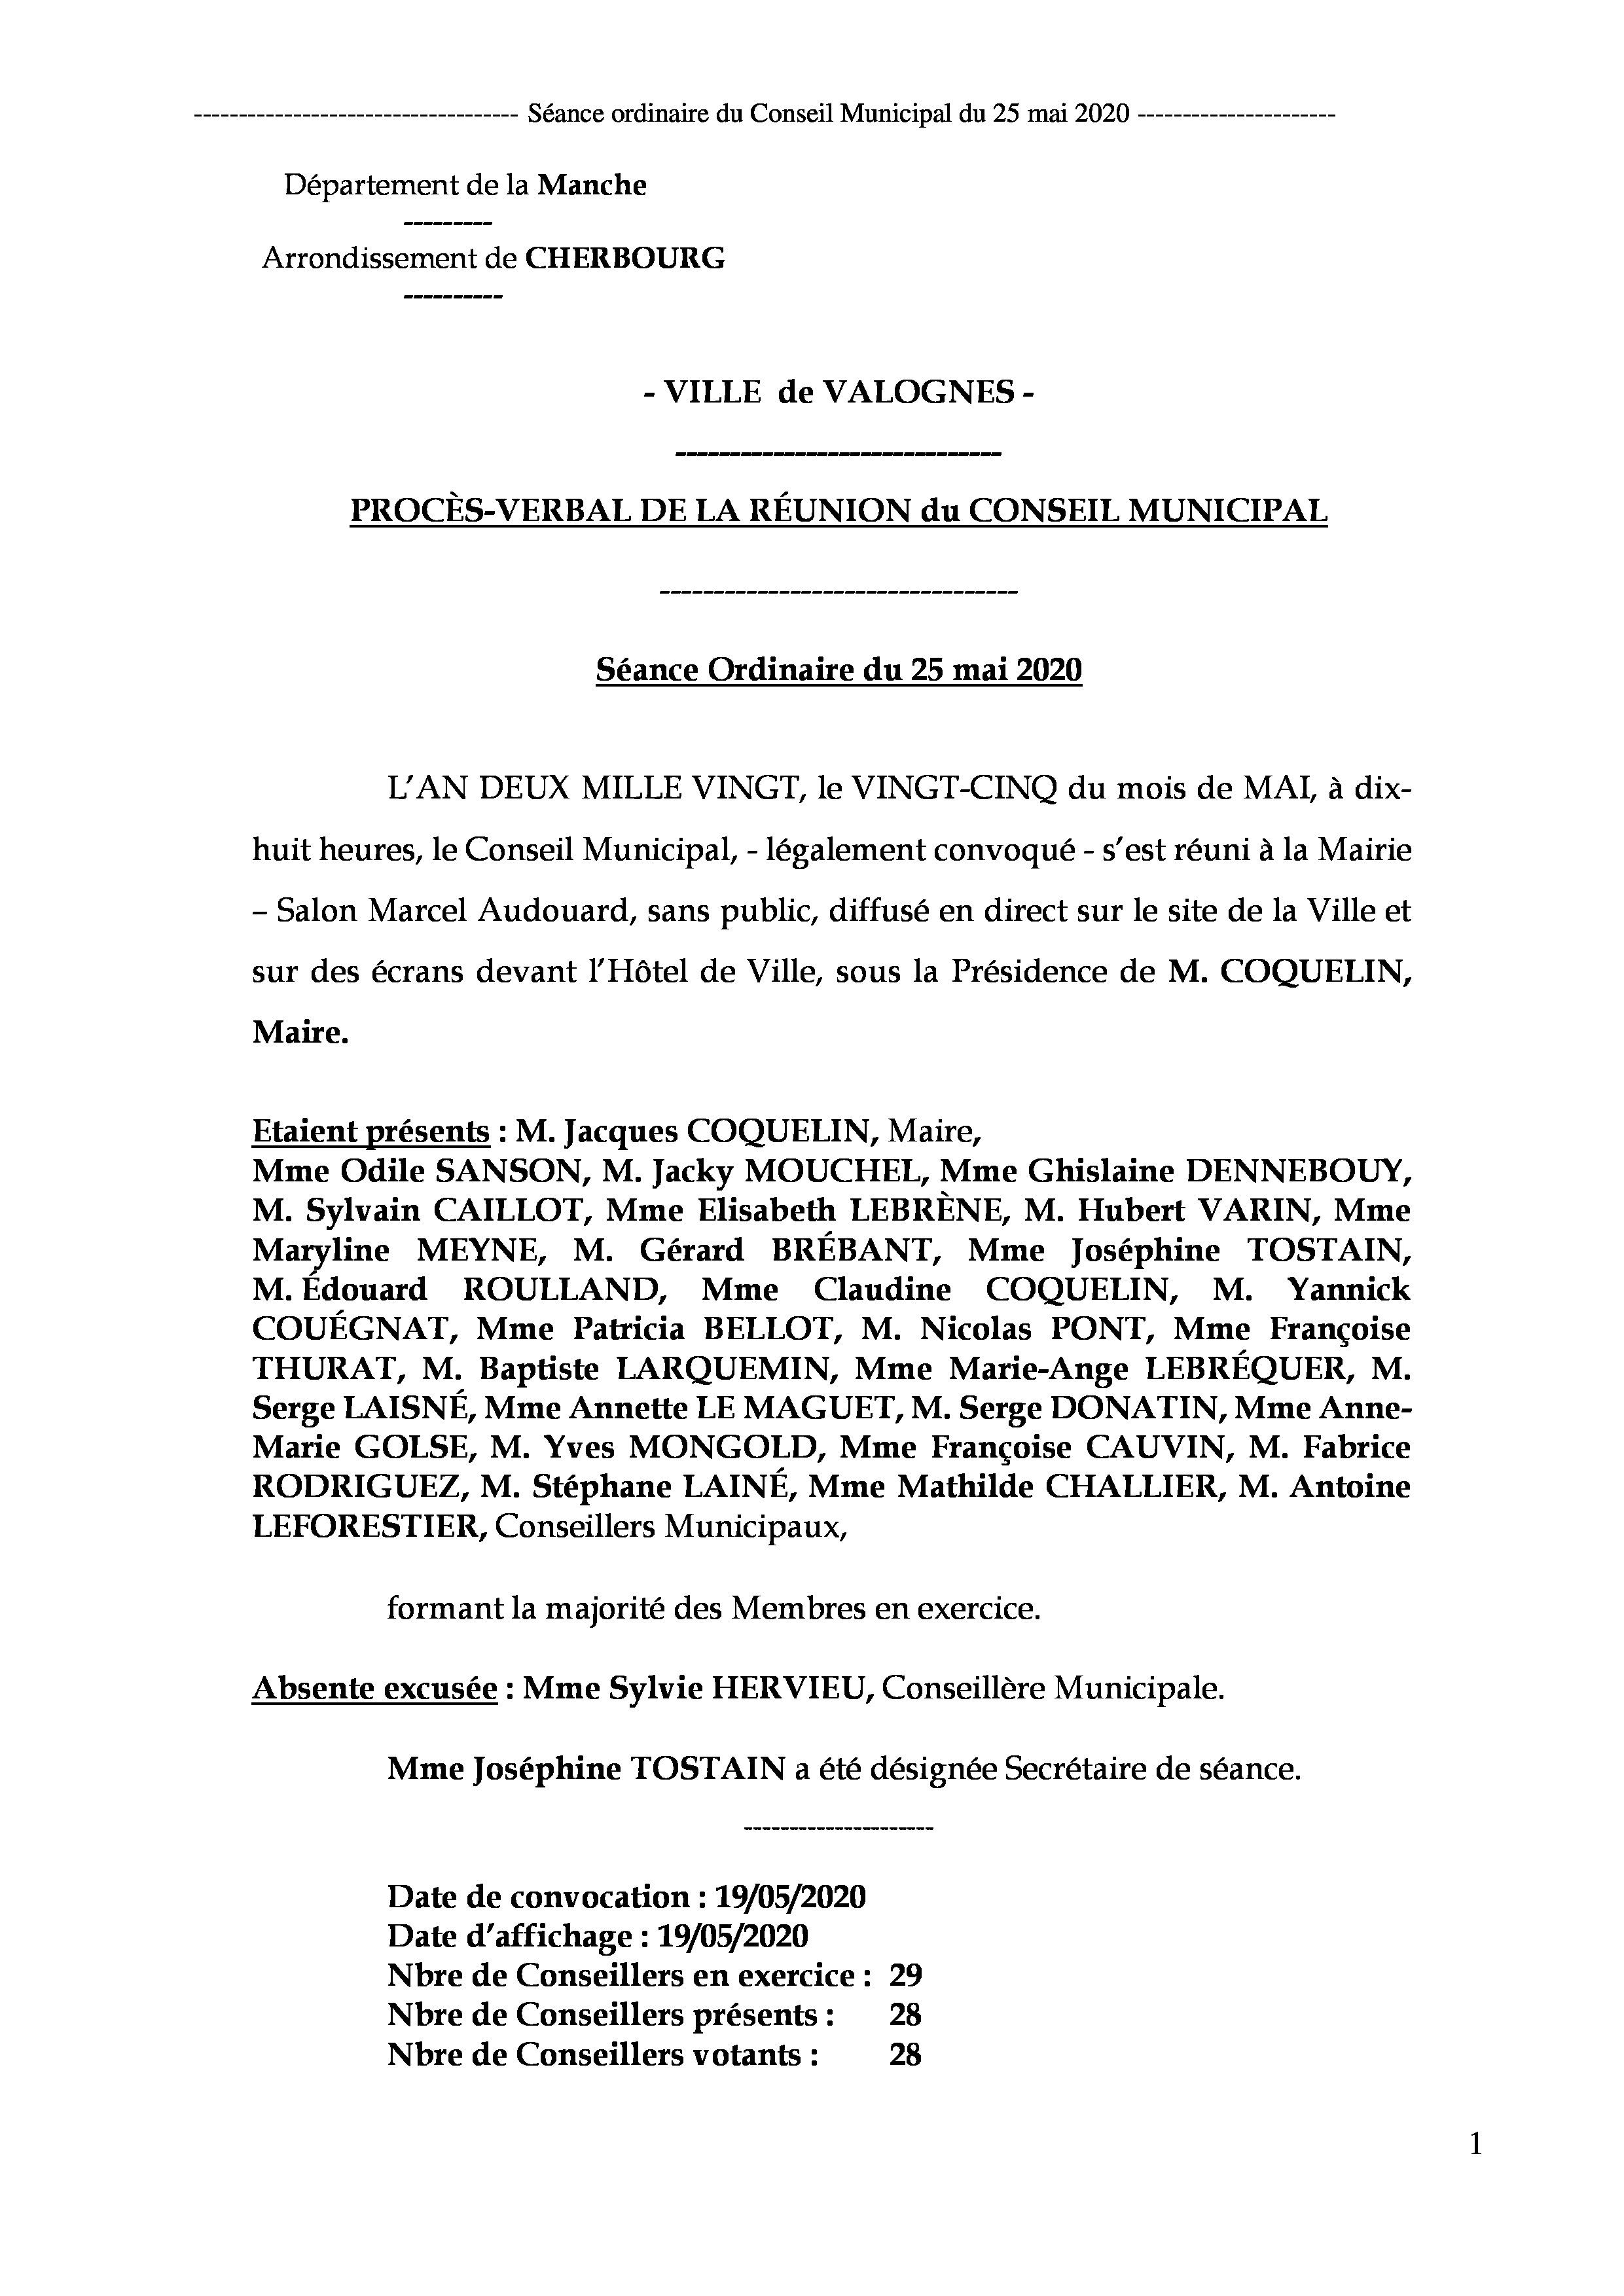 procès-verbal de séance - Procès-verbal de la réunion du Conseil Municipal du 25 mai 2020, approuvé à l